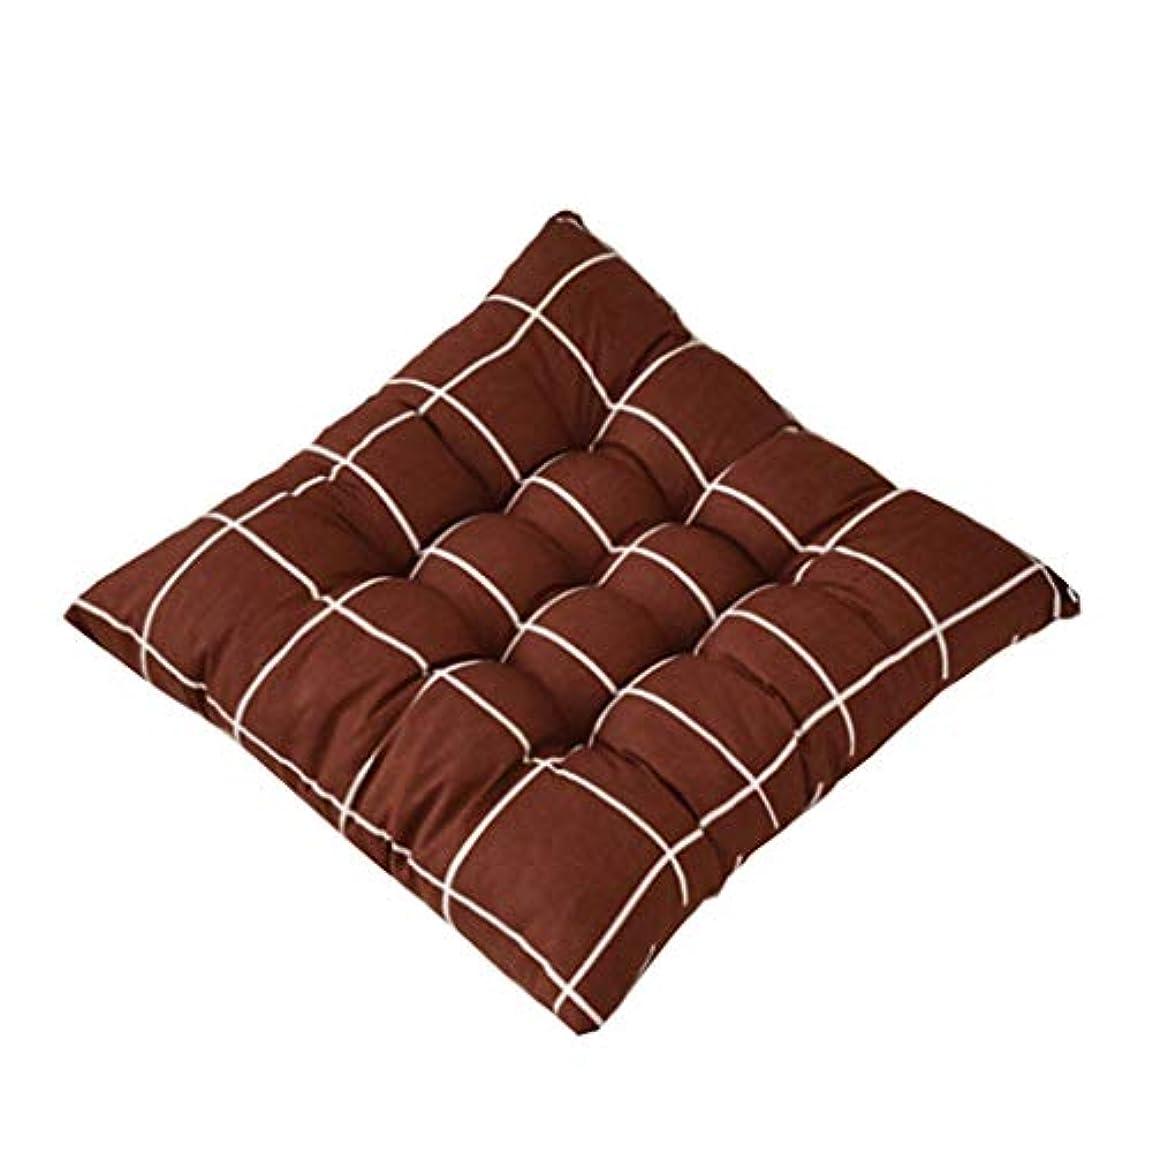 間違いパワーセルシールドLIFE 正方形の椅子パッド厚いシートクッションダイニングパティオホームオフィス屋内屋外ガーデンソファ臀部クッション 40 × 40 センチメートル クッション 椅子